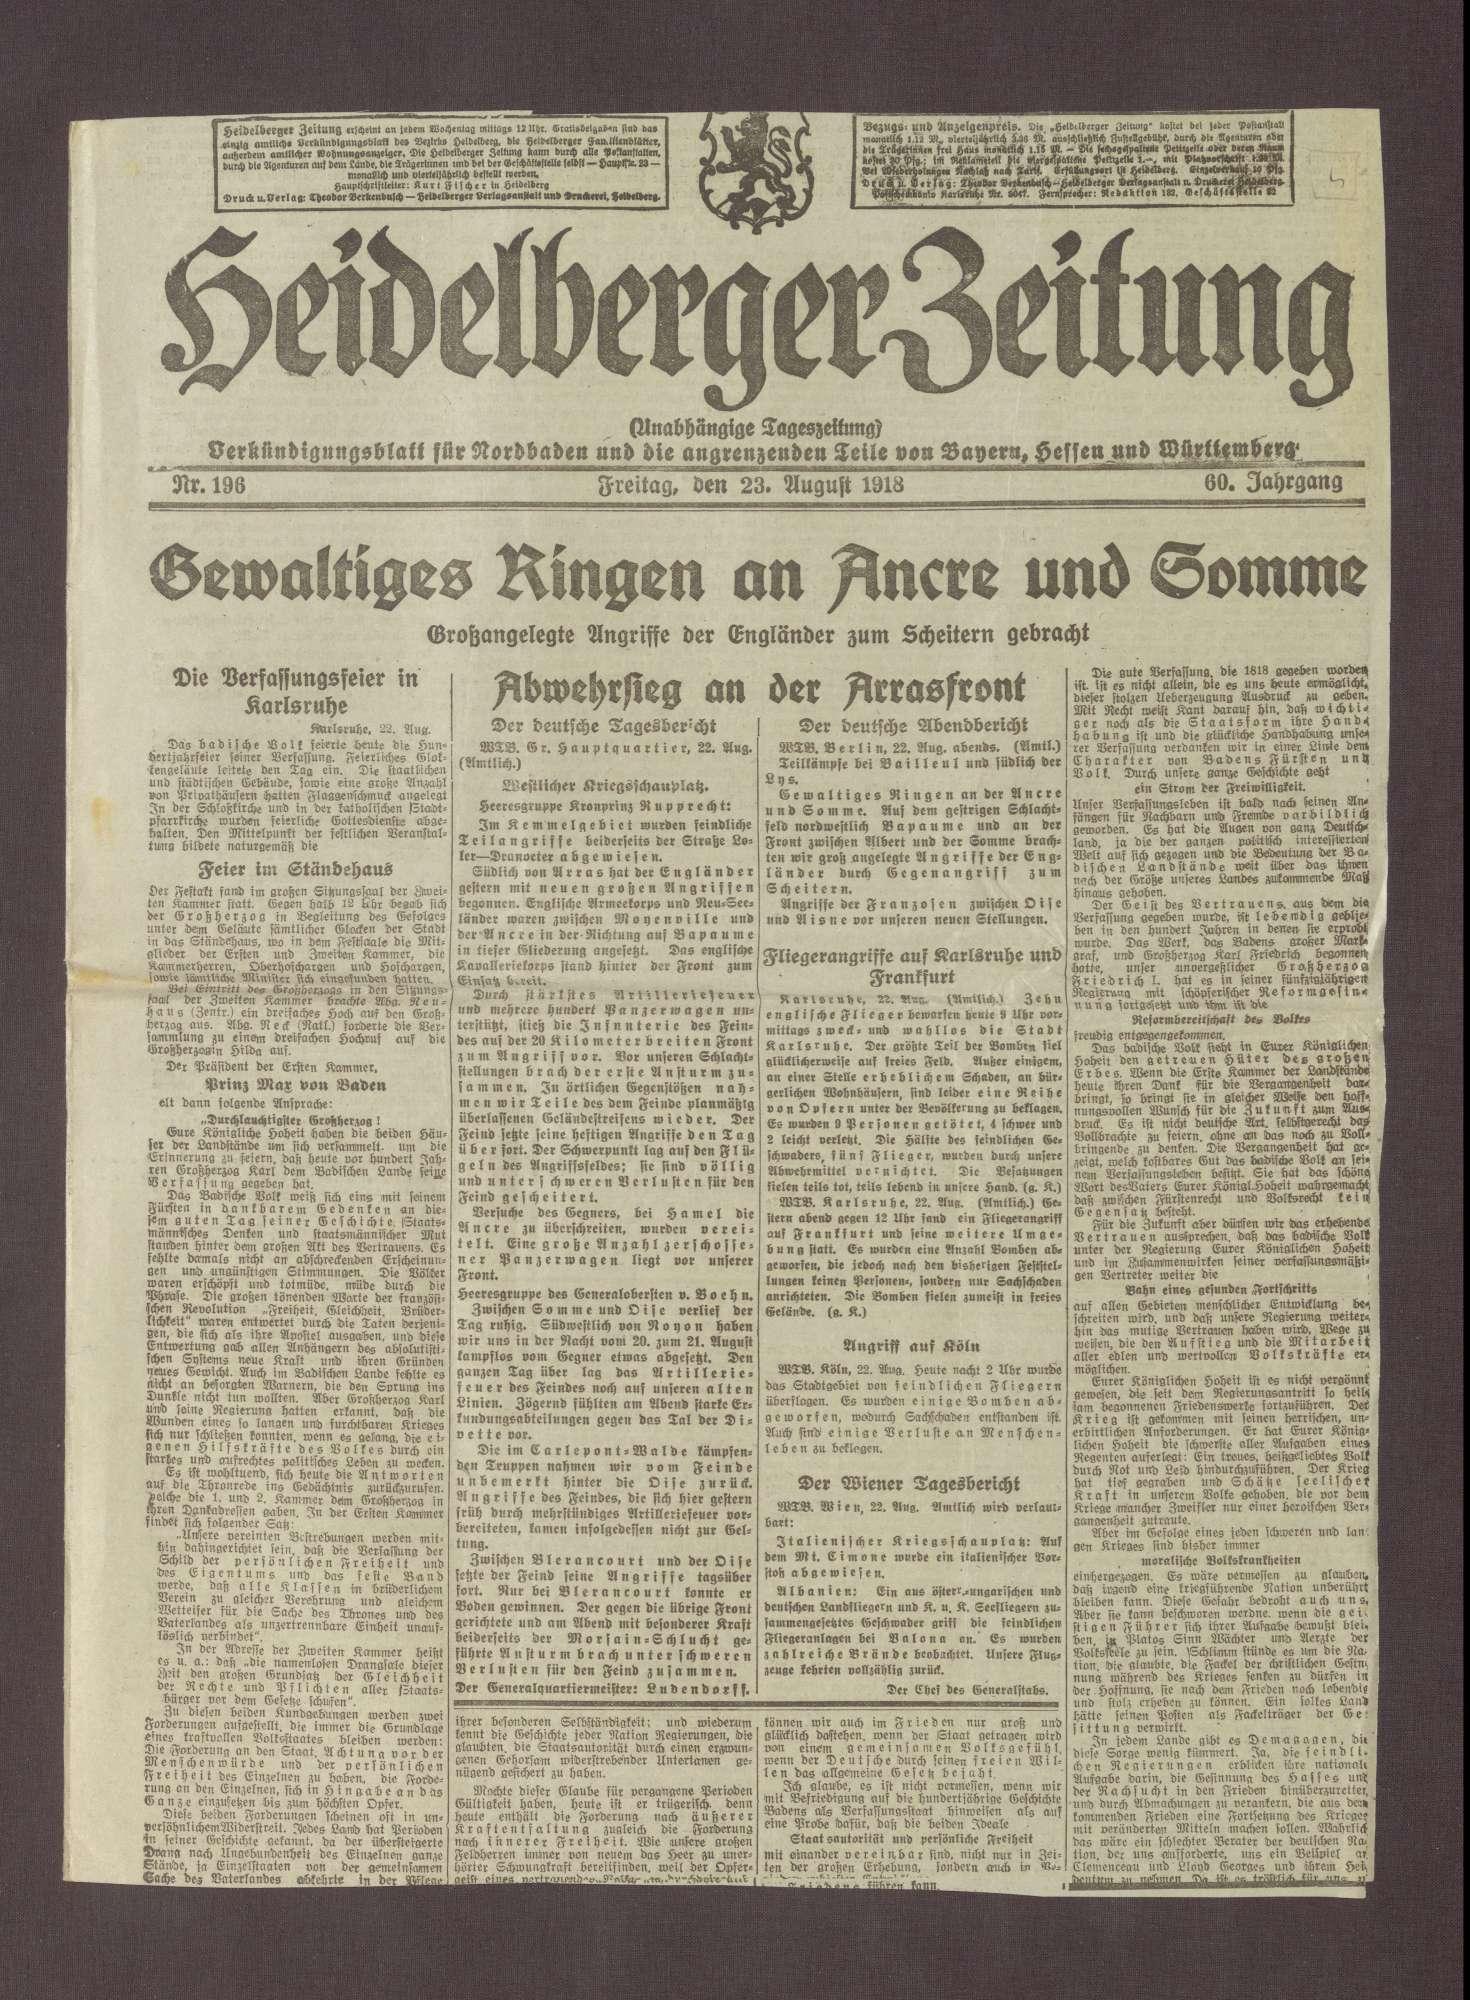 """Artikel in der Heidelberger Zeitung: """"Gegenhiebe"""", Bild 1"""